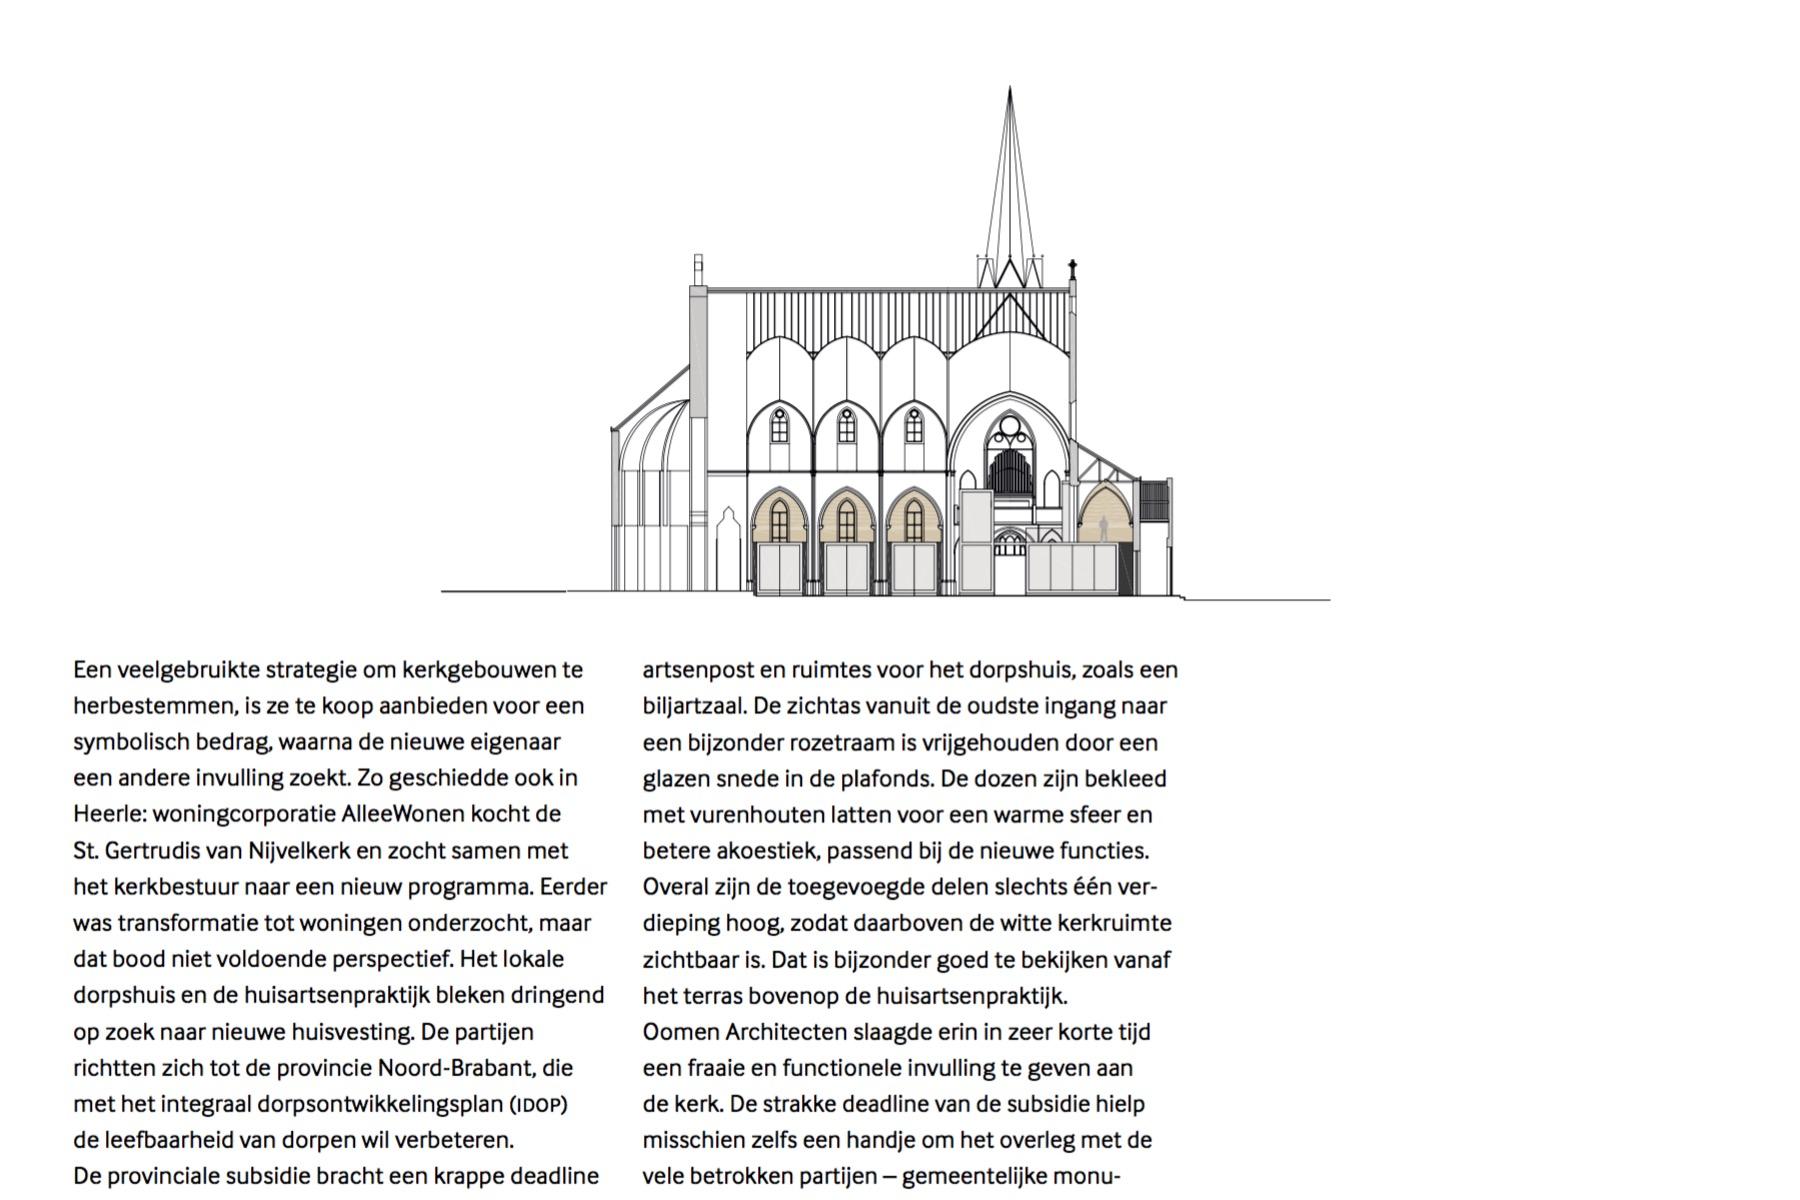 Kerk_Heerle_De_Architect.jpg